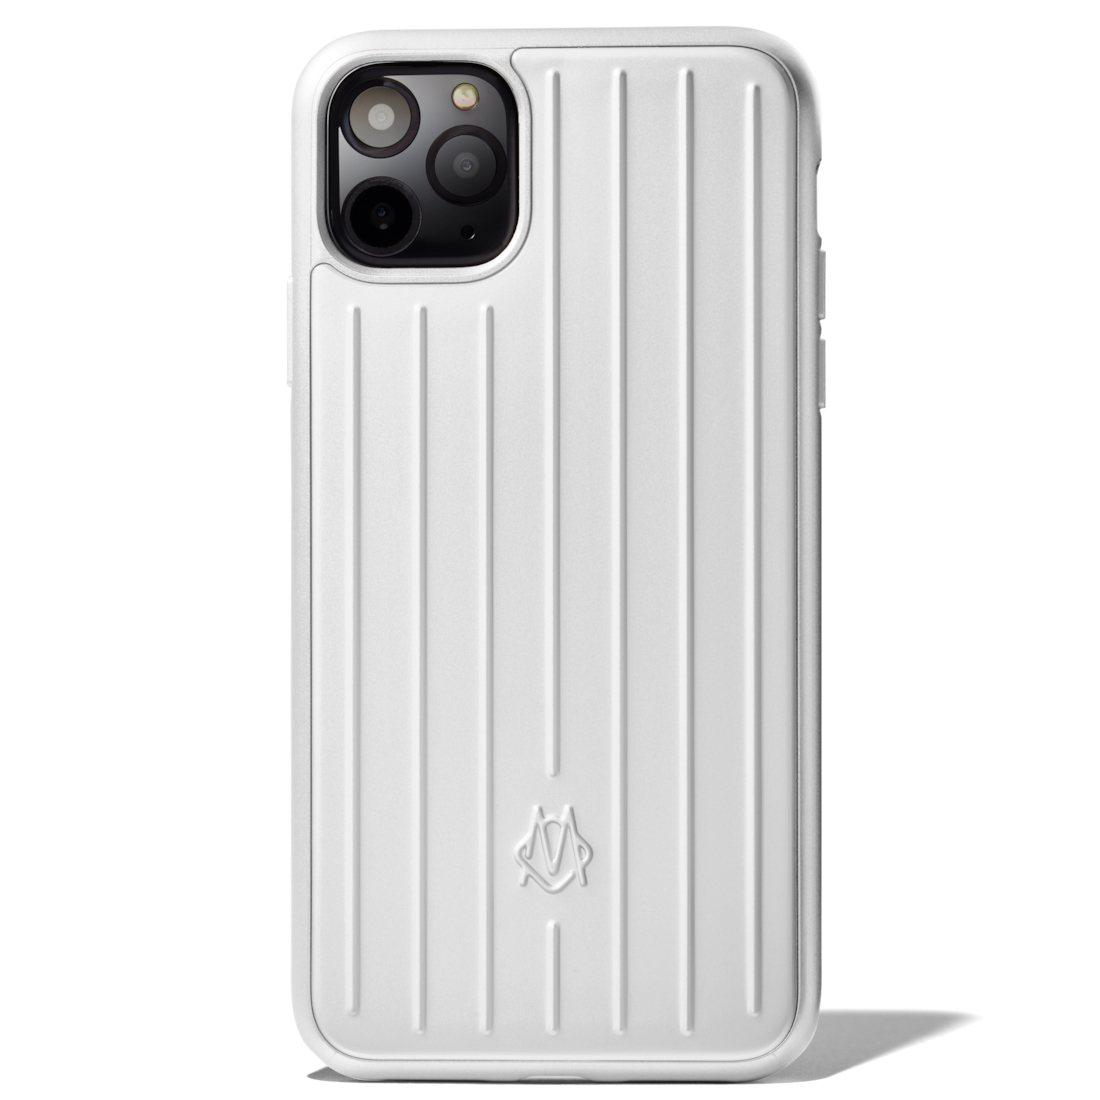 RIMOWA推出iPhone 11系列保護殼,鋁鎂合金款定價美金115元(約台幣...